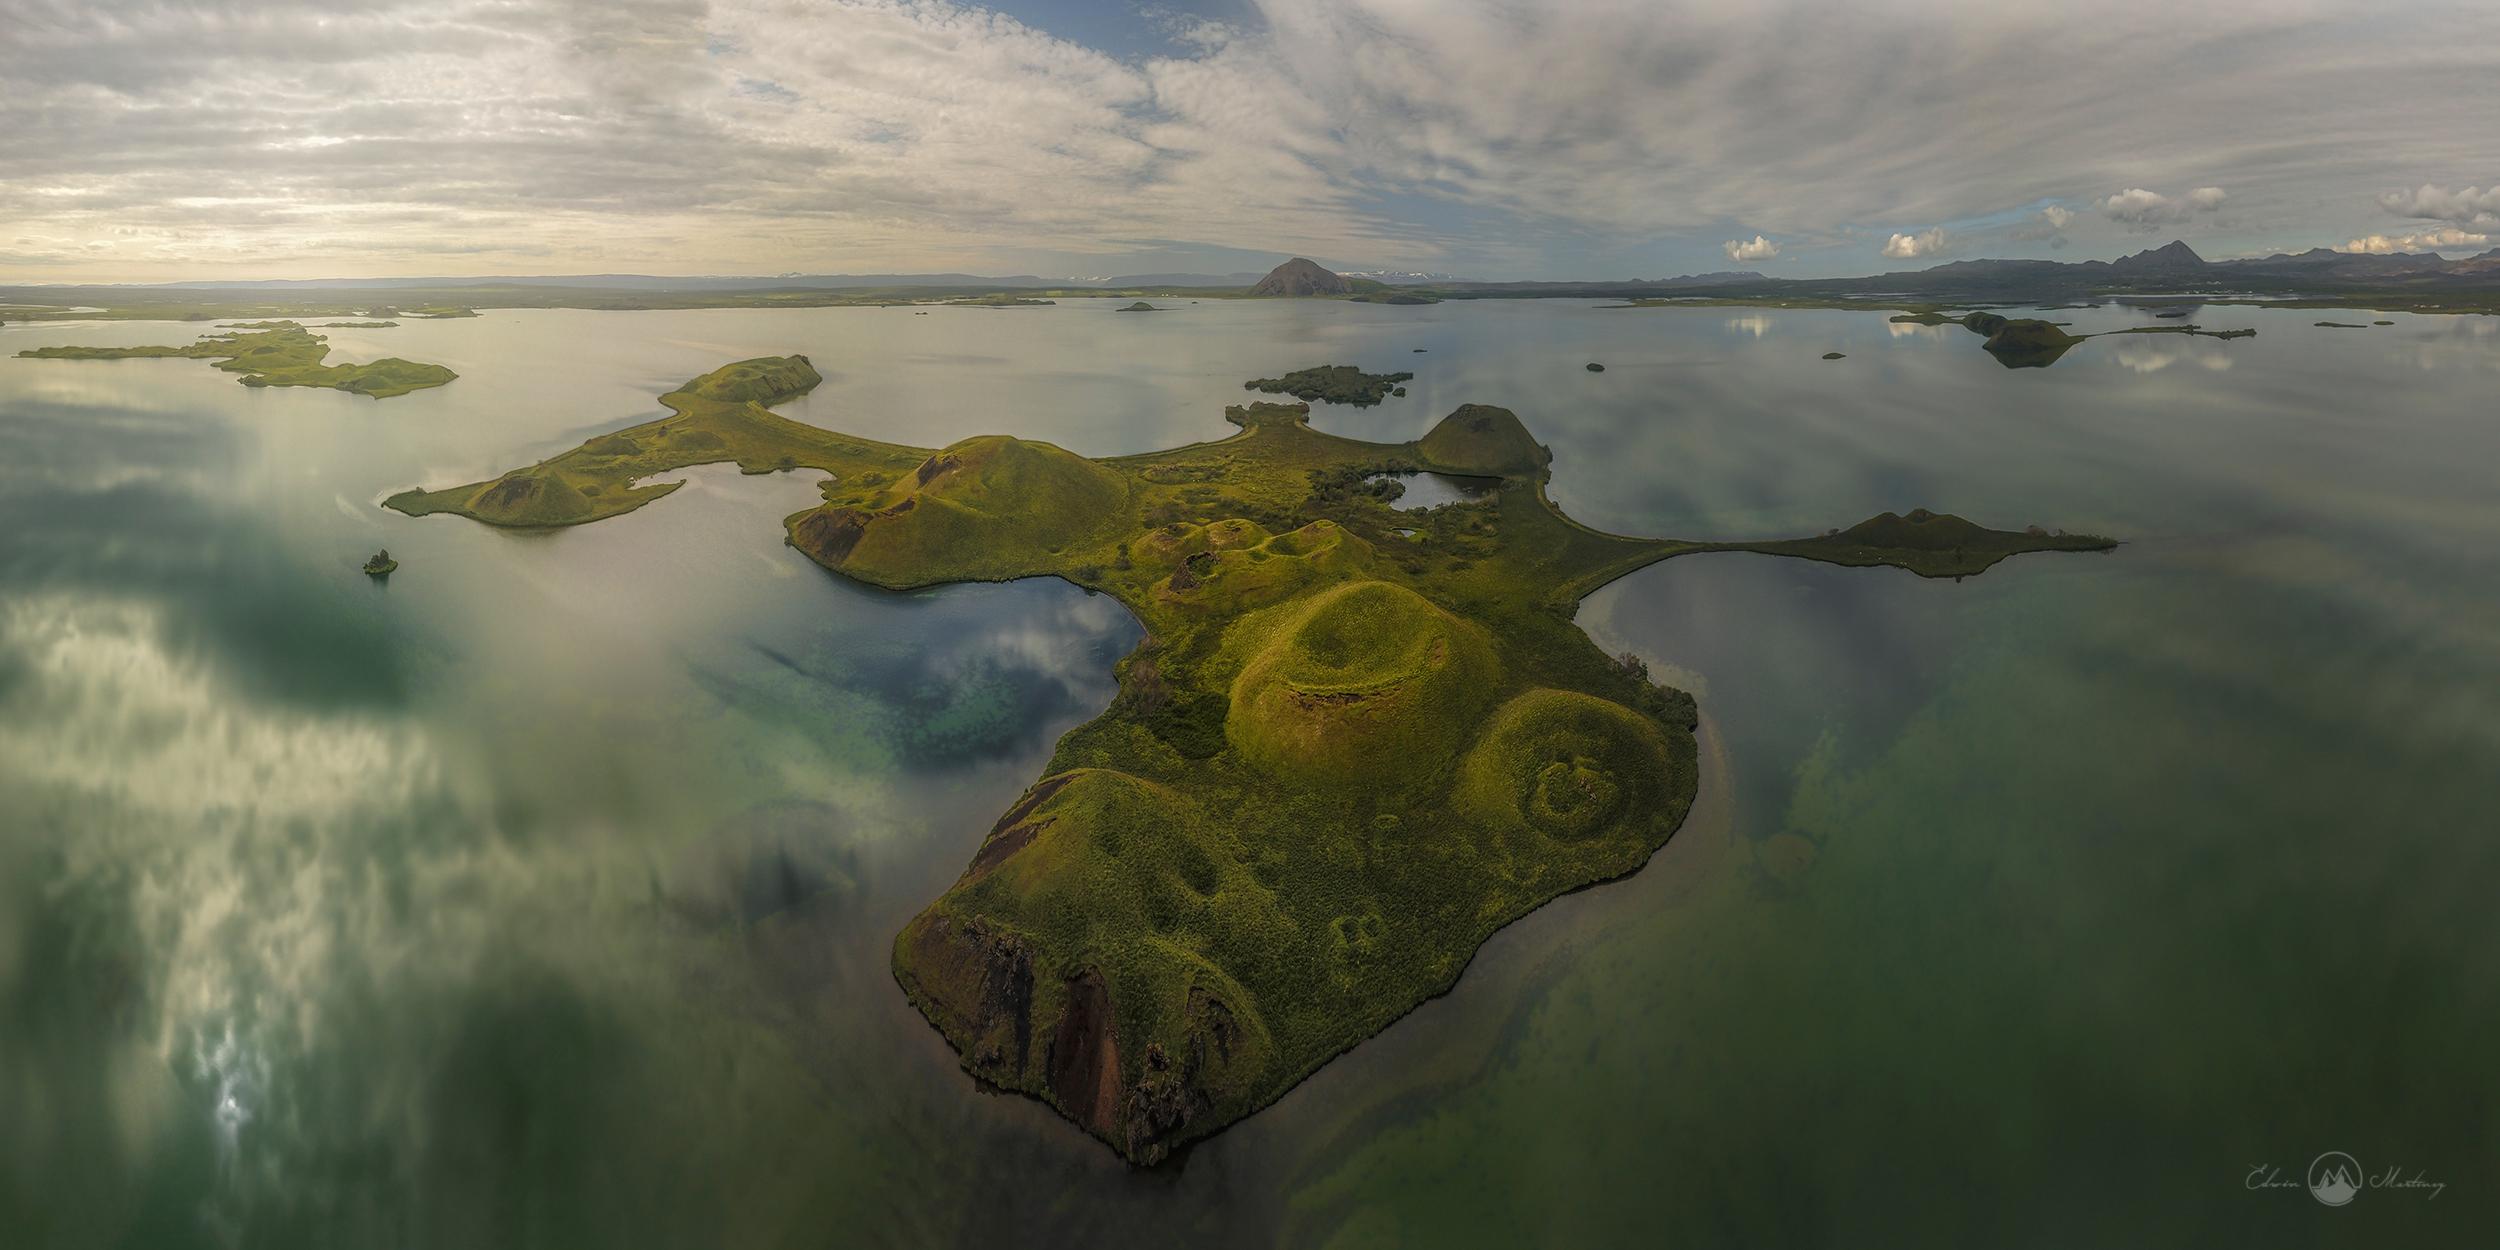 10-дневный летний мастер-класс по ландшафтной фотографии в Исландии - day 9